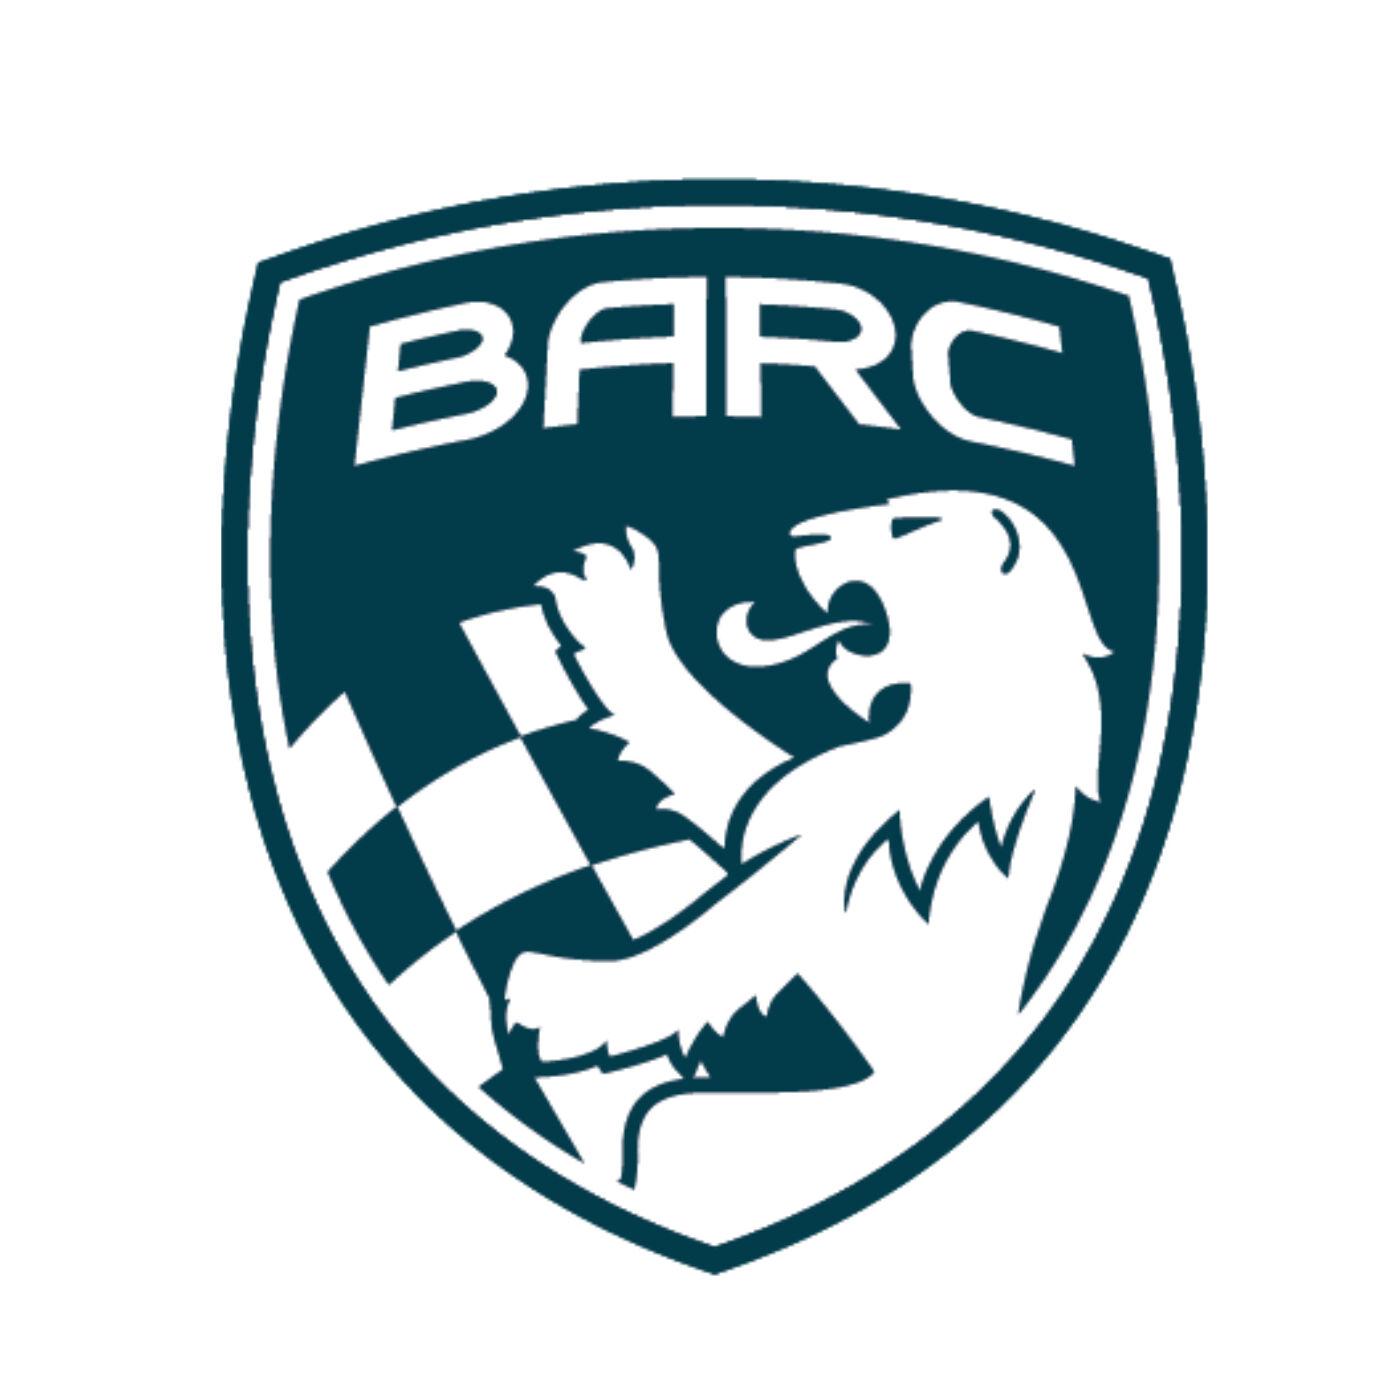 Ben Taylor - BARC Group CEO - 9th May 2021